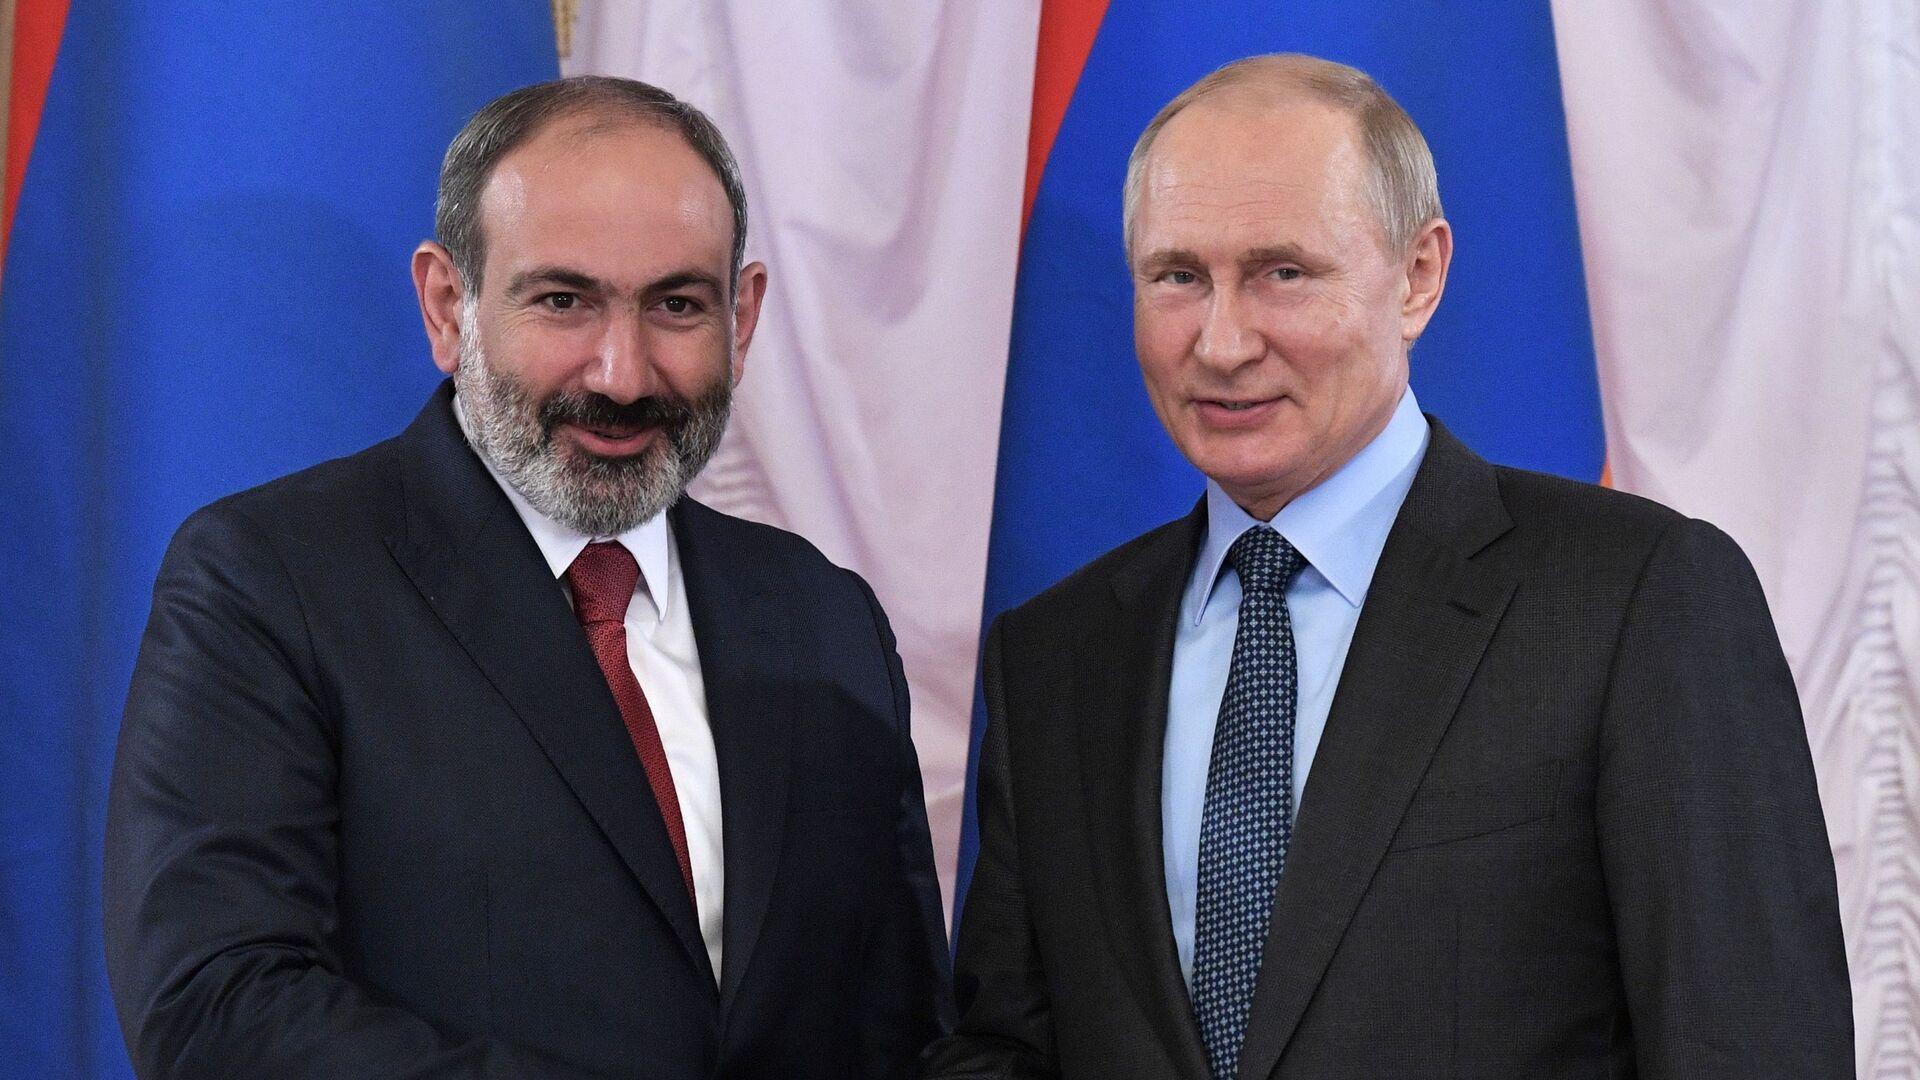 Встреча премьер-министра Армении Никола Пашиняна и президента России Владимира Путина - Sputnik Грузия, 1920, 04.10.2021